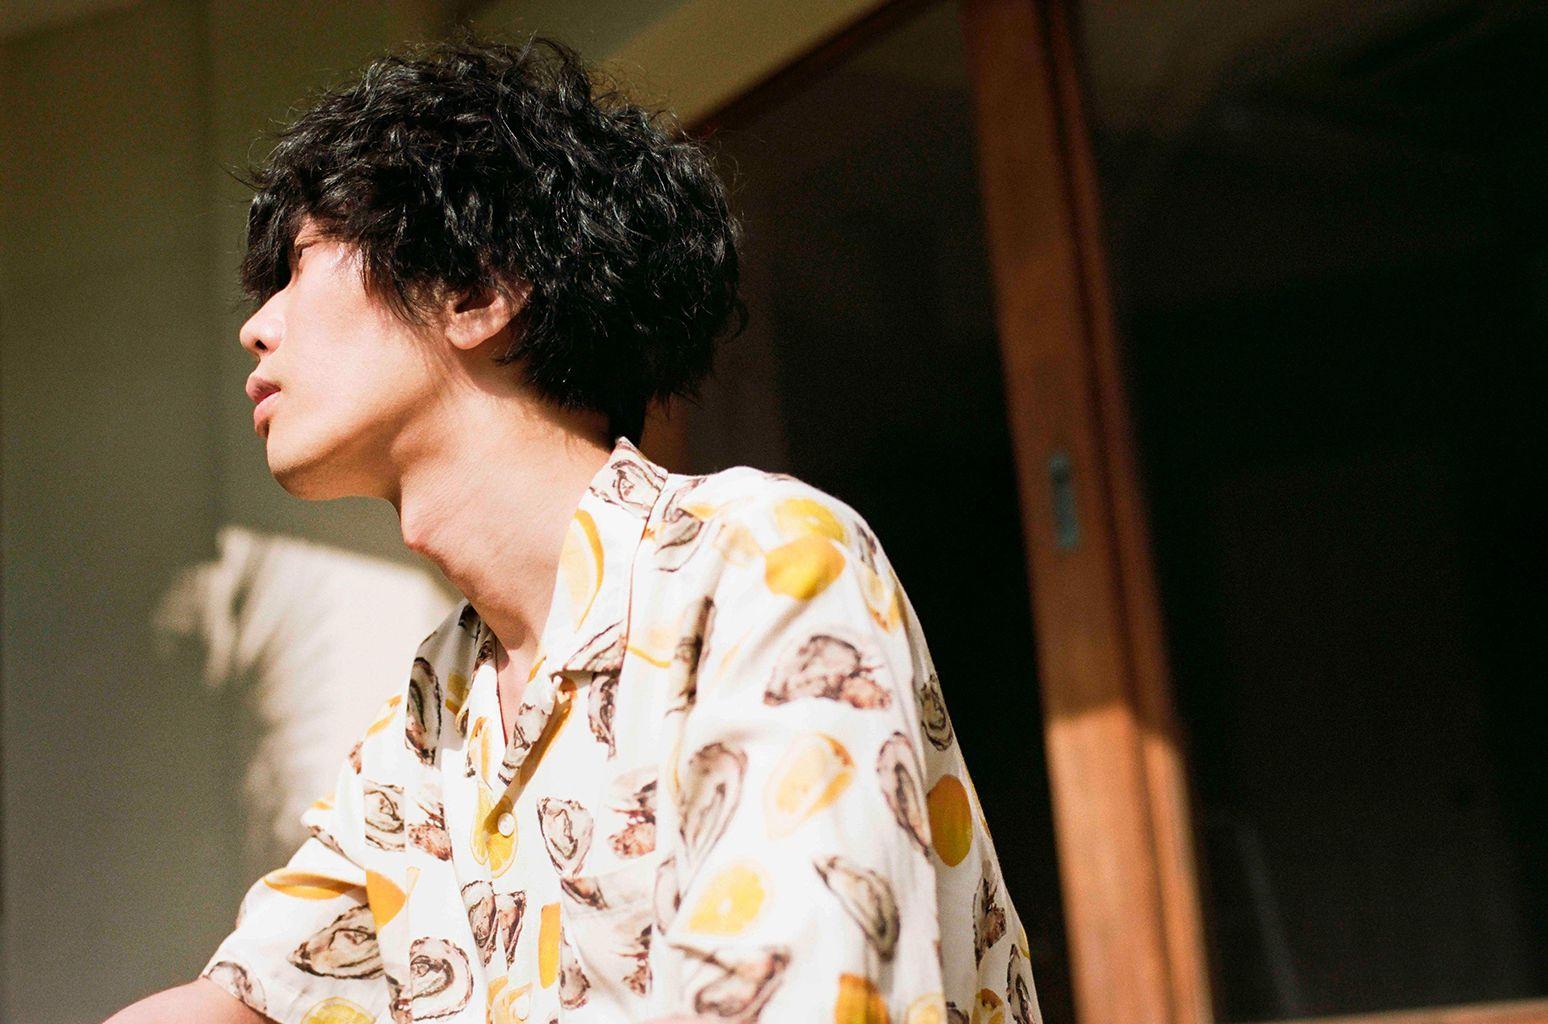 Kenshi Yonezu S Peace Sign Video Becomes His Fifth To Hit 100 Million Youtube Views Kenshi Yonezu Yonezu Kenshi Good Singers